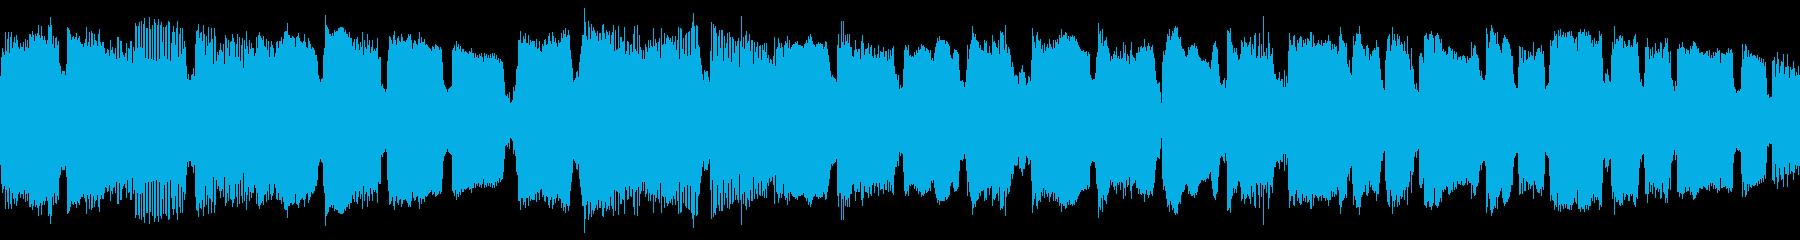 ダークな雰囲気のカントリーロックの再生済みの波形